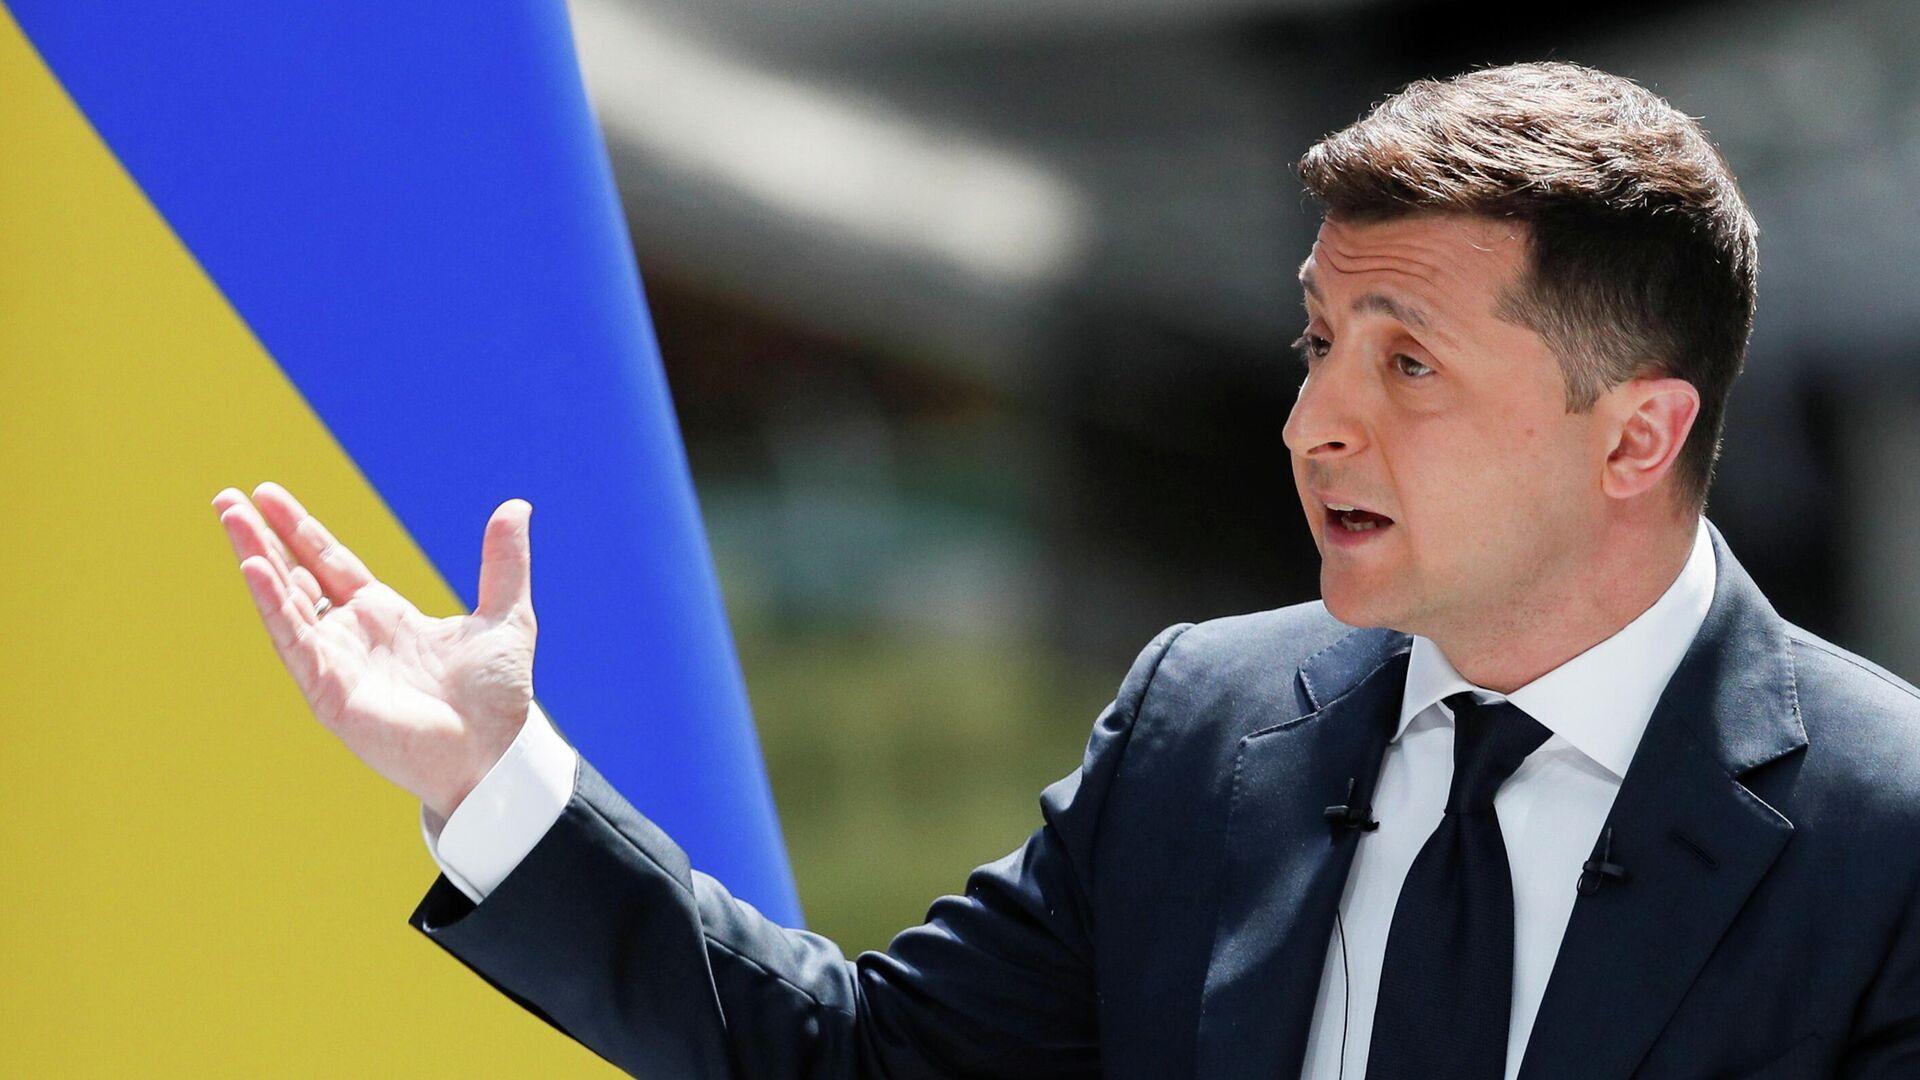 Президент Украины Владимир Зеленский во время пресс-конференции по итогам второго года своей работы на авиазаводе Антонов - РИА Новости, 1920, 20.05.2021